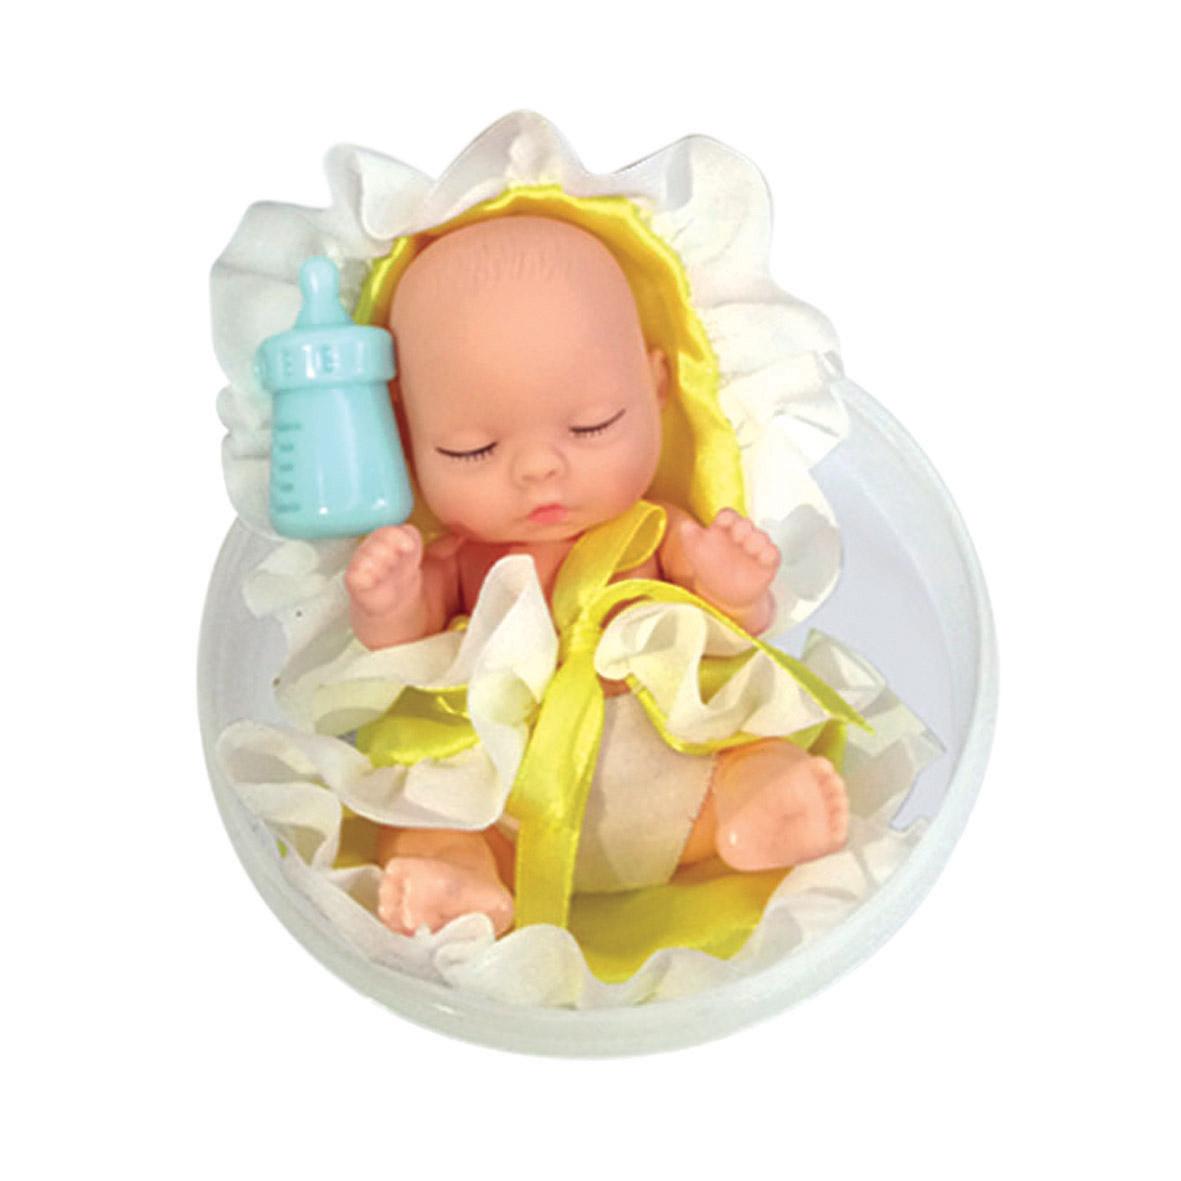 Купить Другие куклы, Кукла в шаре Junfa Toys в ассортименте, Junfa Toys Ltd, Китай, Женский